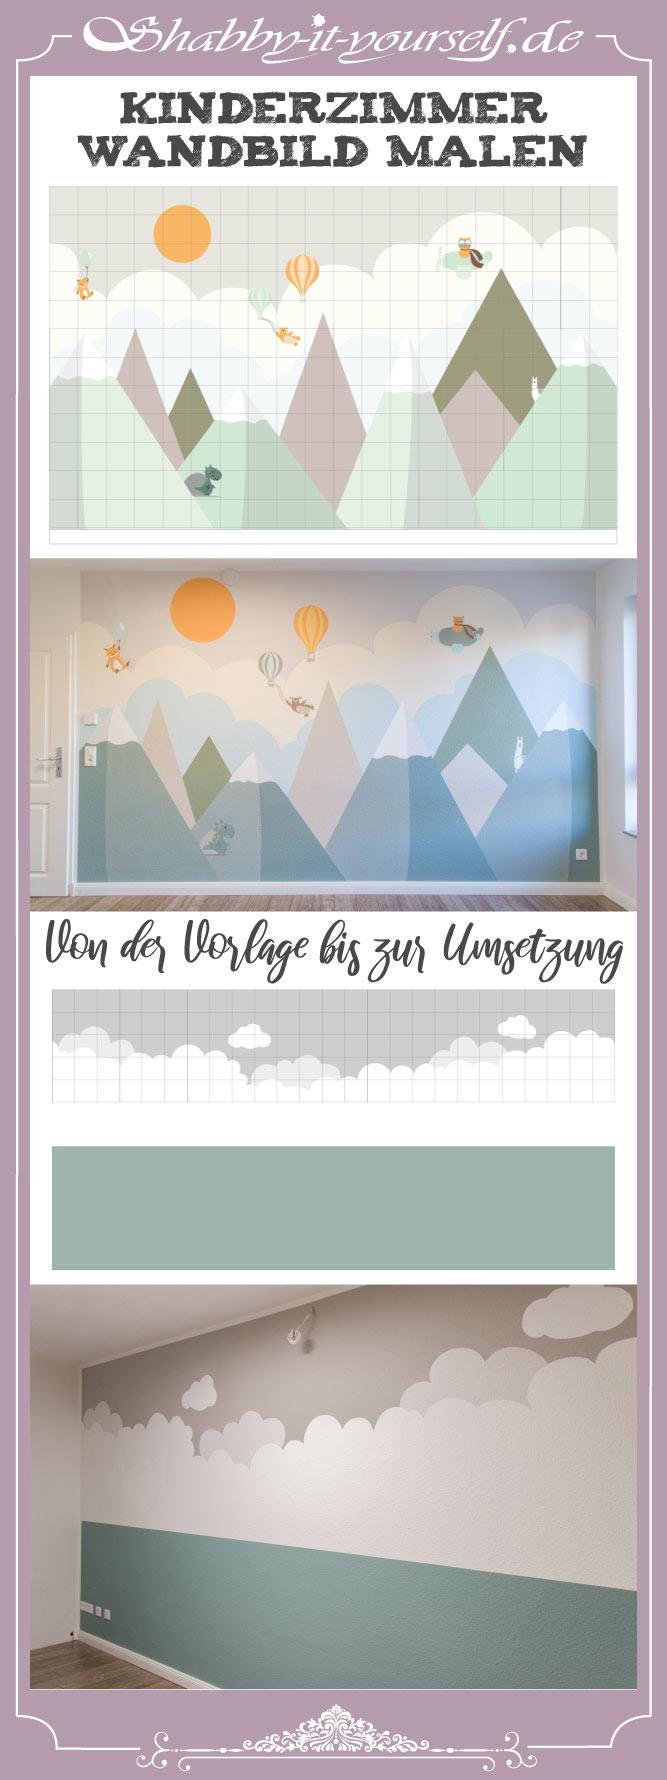 Kinderzimmer Wandbild streichen - Die Anleitung auf meiner Webseite